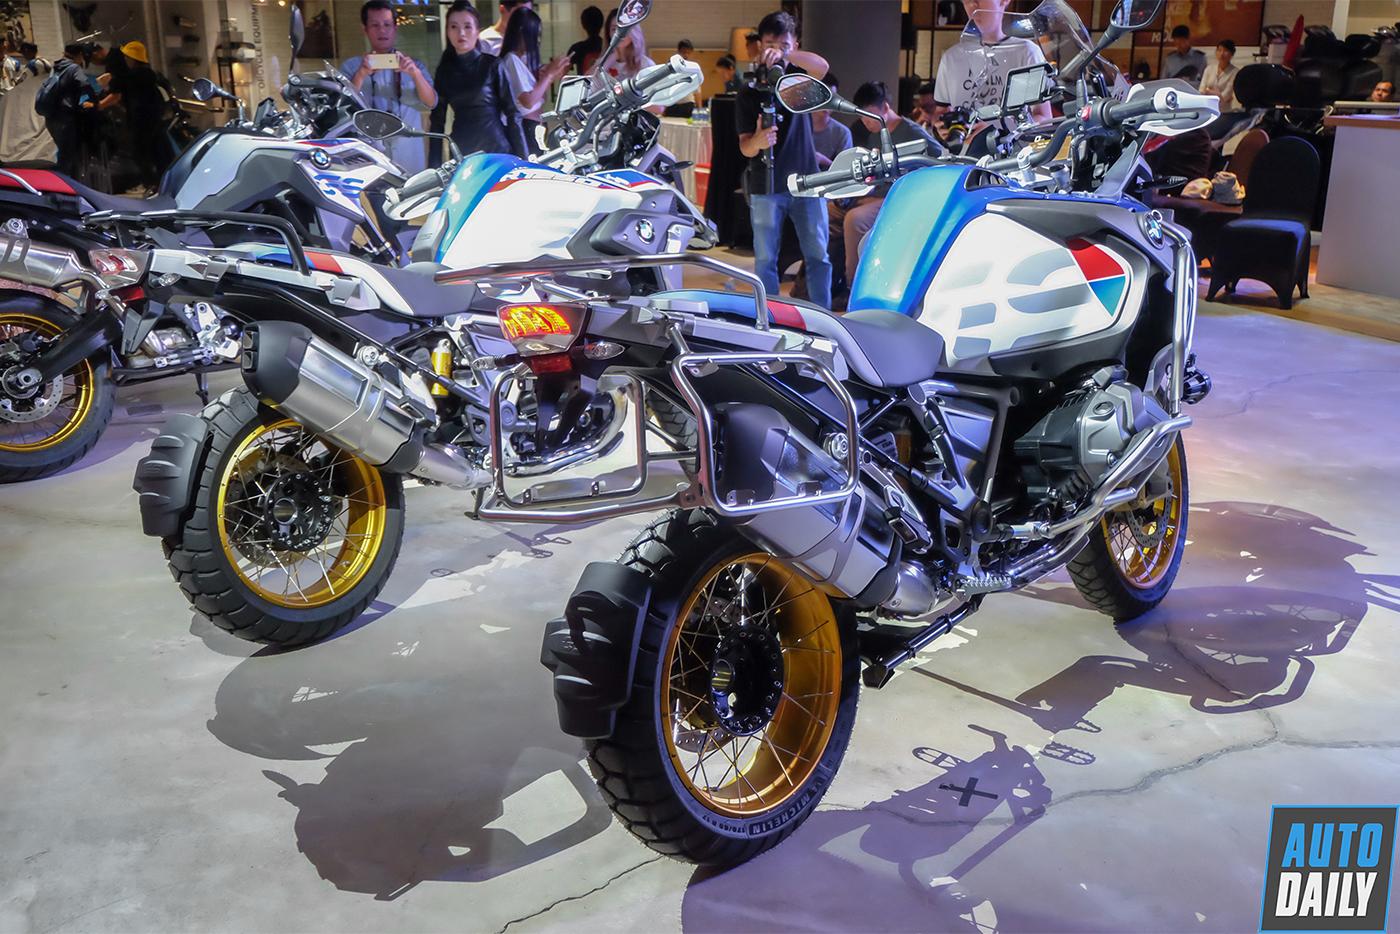 bmw-motorrad-r-1250-gs-gsa-2019-3.jpg